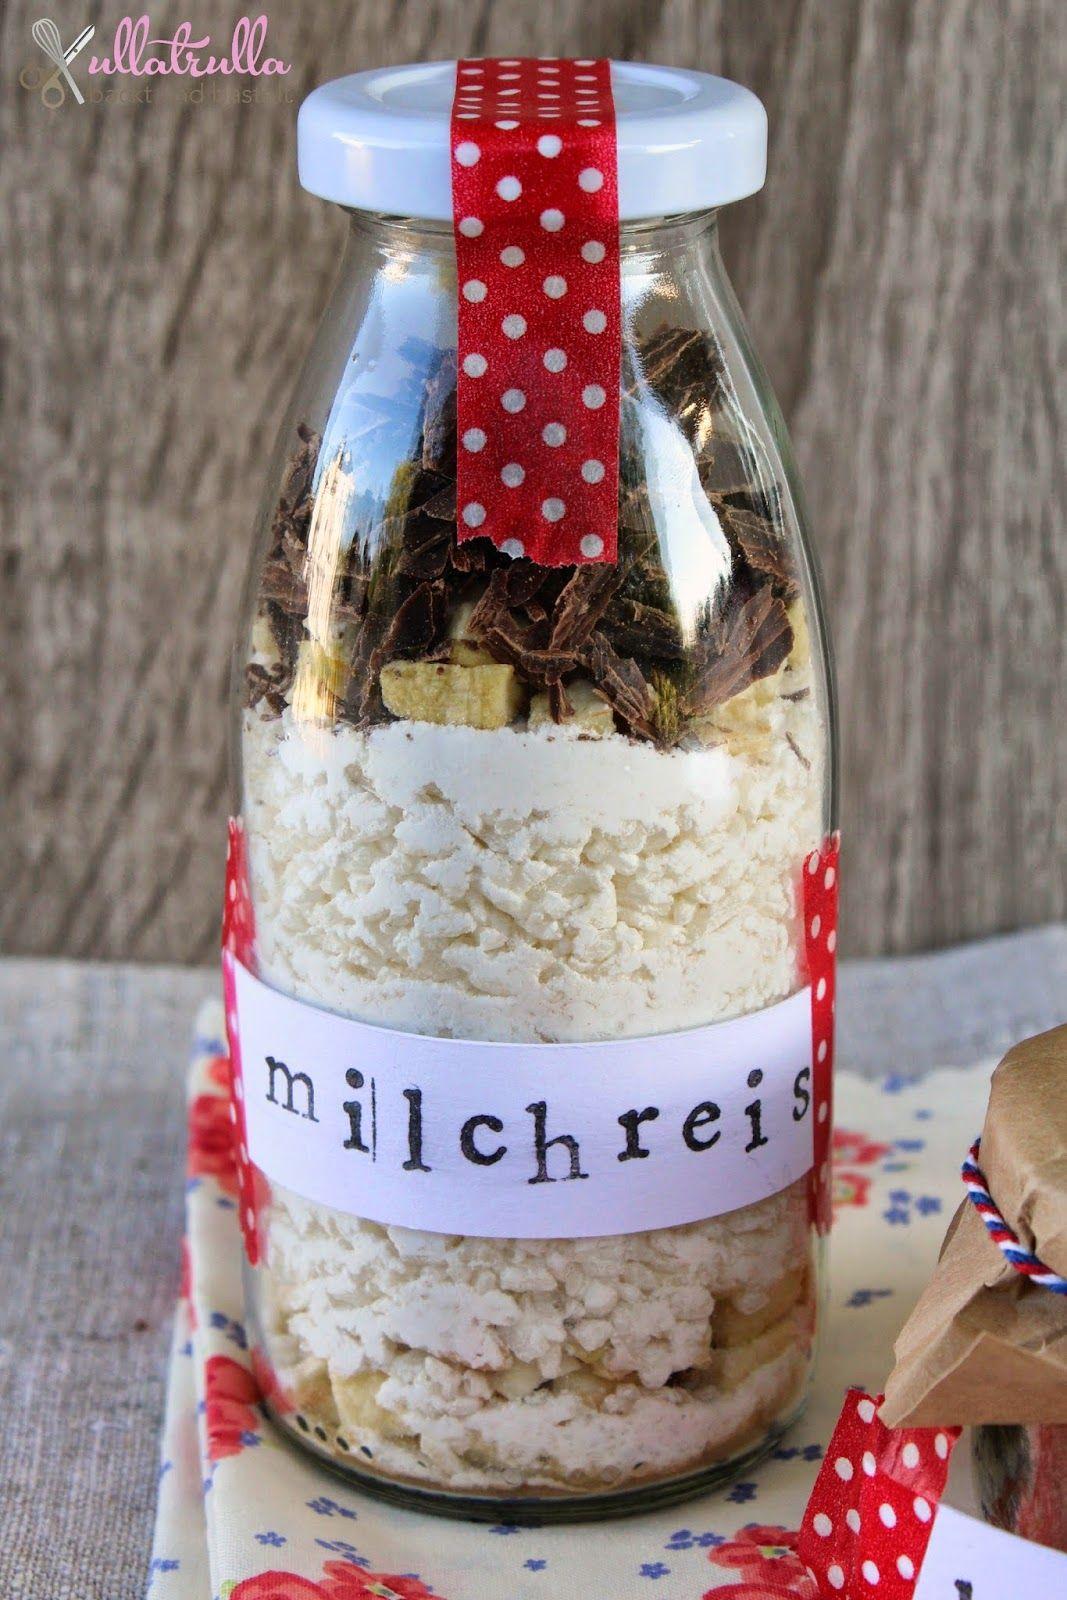 Foodblog aus Düsseldorf, Cupcakes, Foodblogger, Kuchen, backen ...